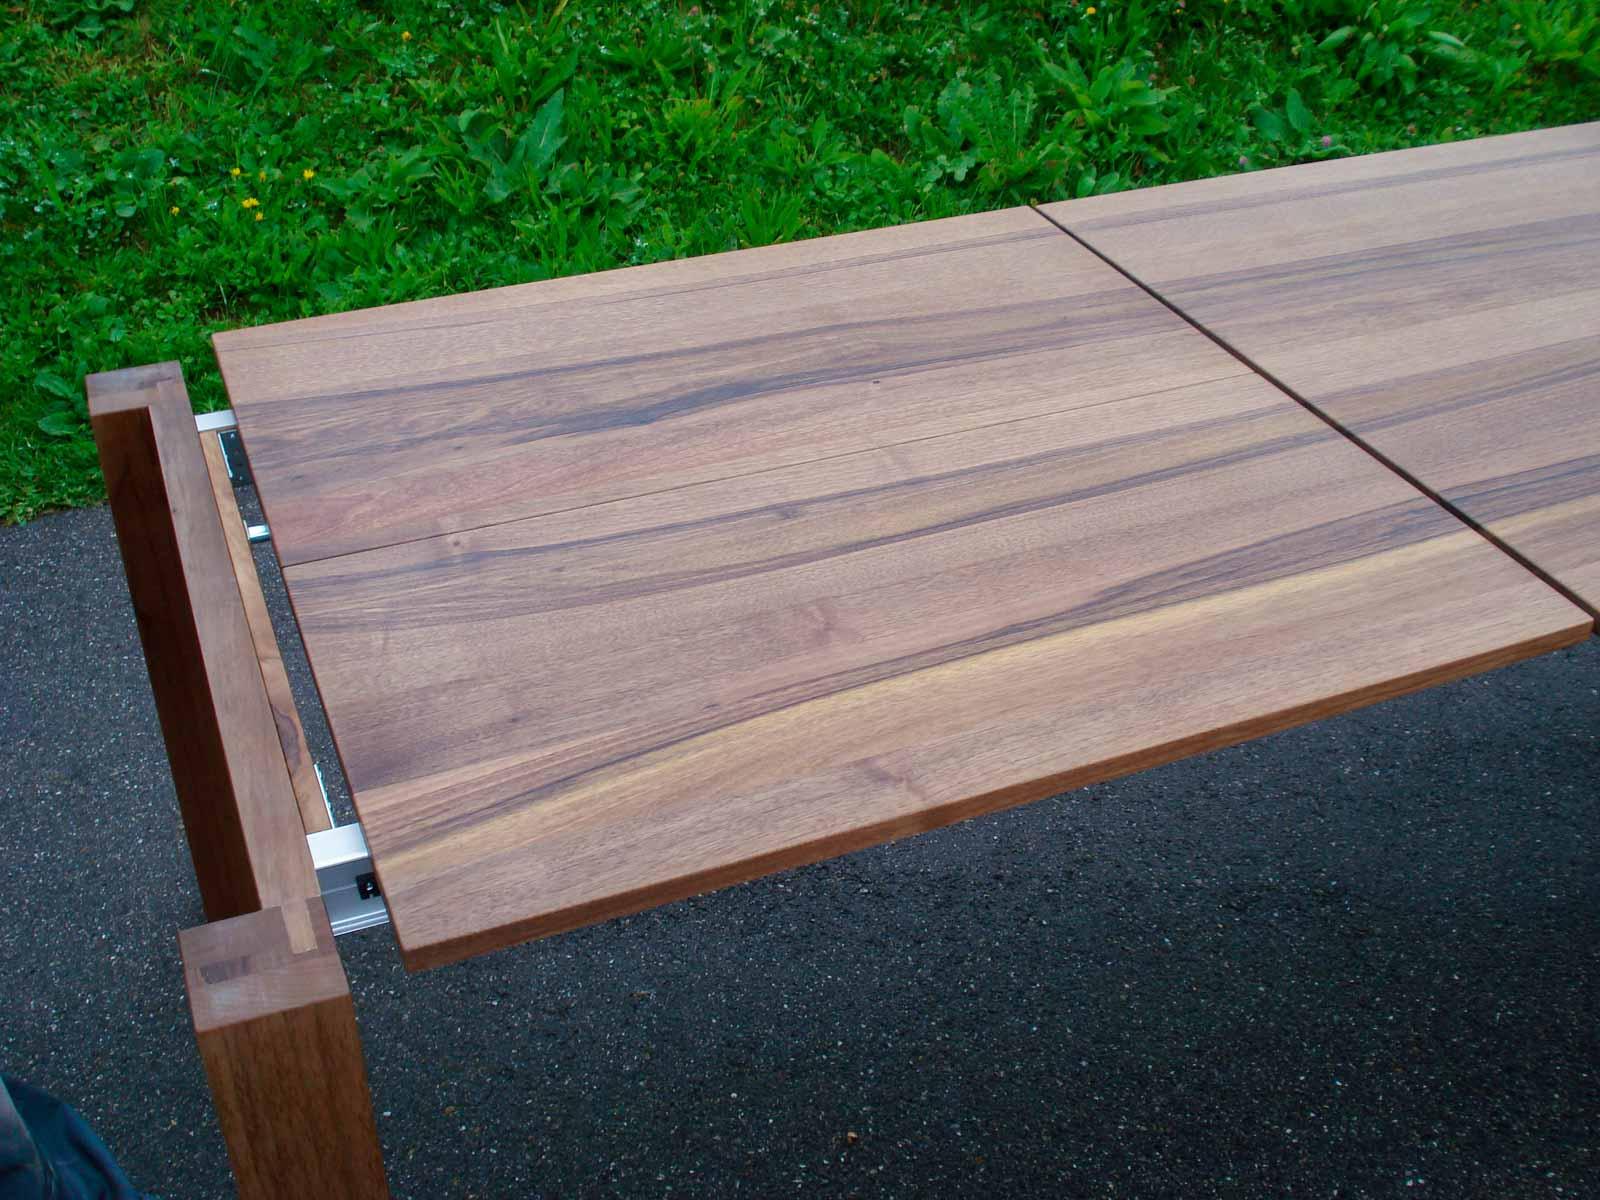 Wooddesign_Nussbaum massiv_ausziehbar_Ausziehtisch_Tischeinlage unter dem Tisch_Tischbeine mitlaufend (7)